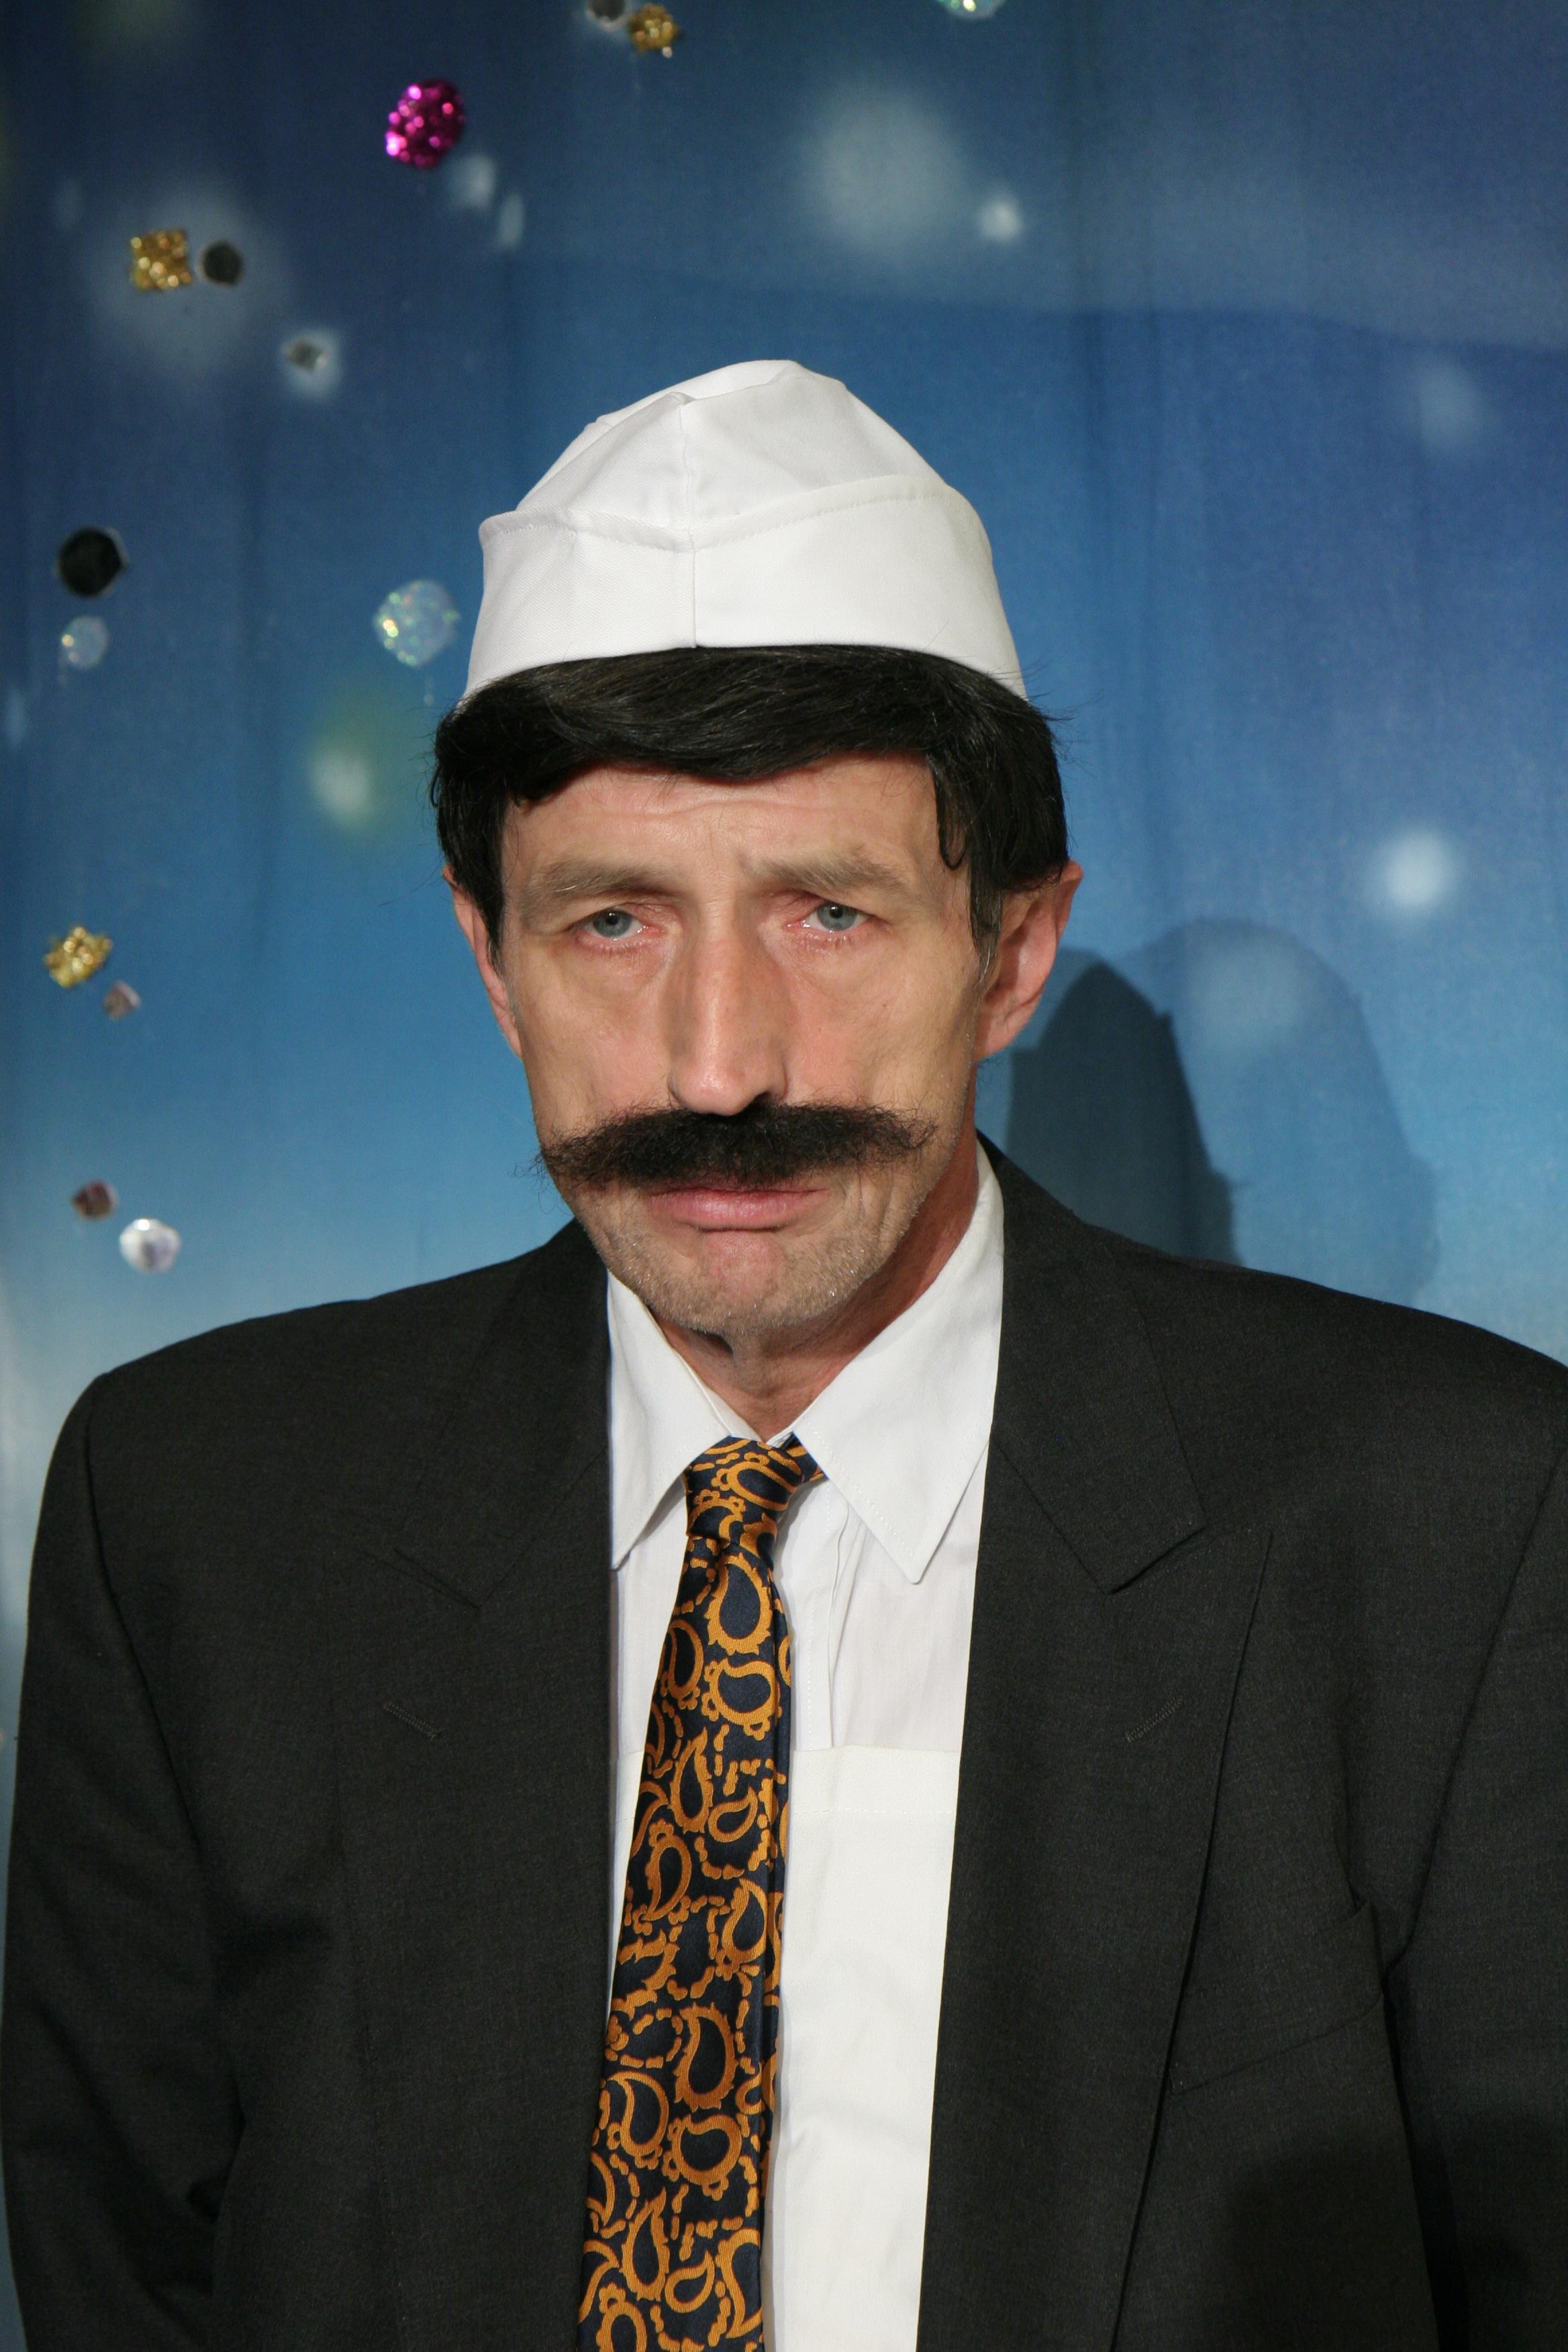 Herr Palwa, Jemenitischer Fleischhauer und Religionslehrer